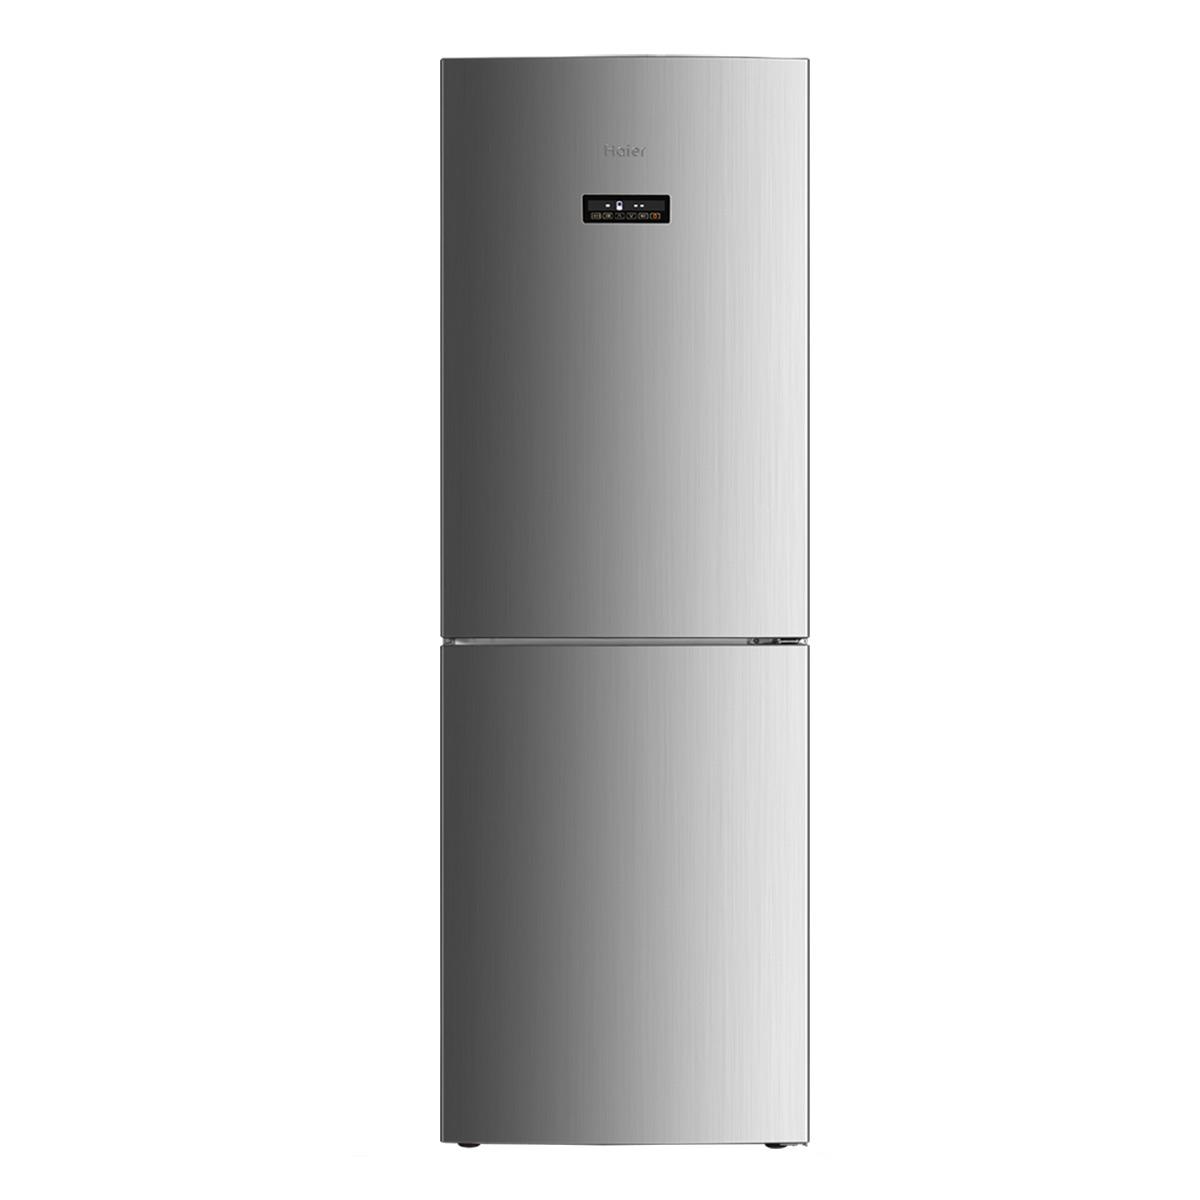 海尔Haier冰箱 BCD-308W 说明书